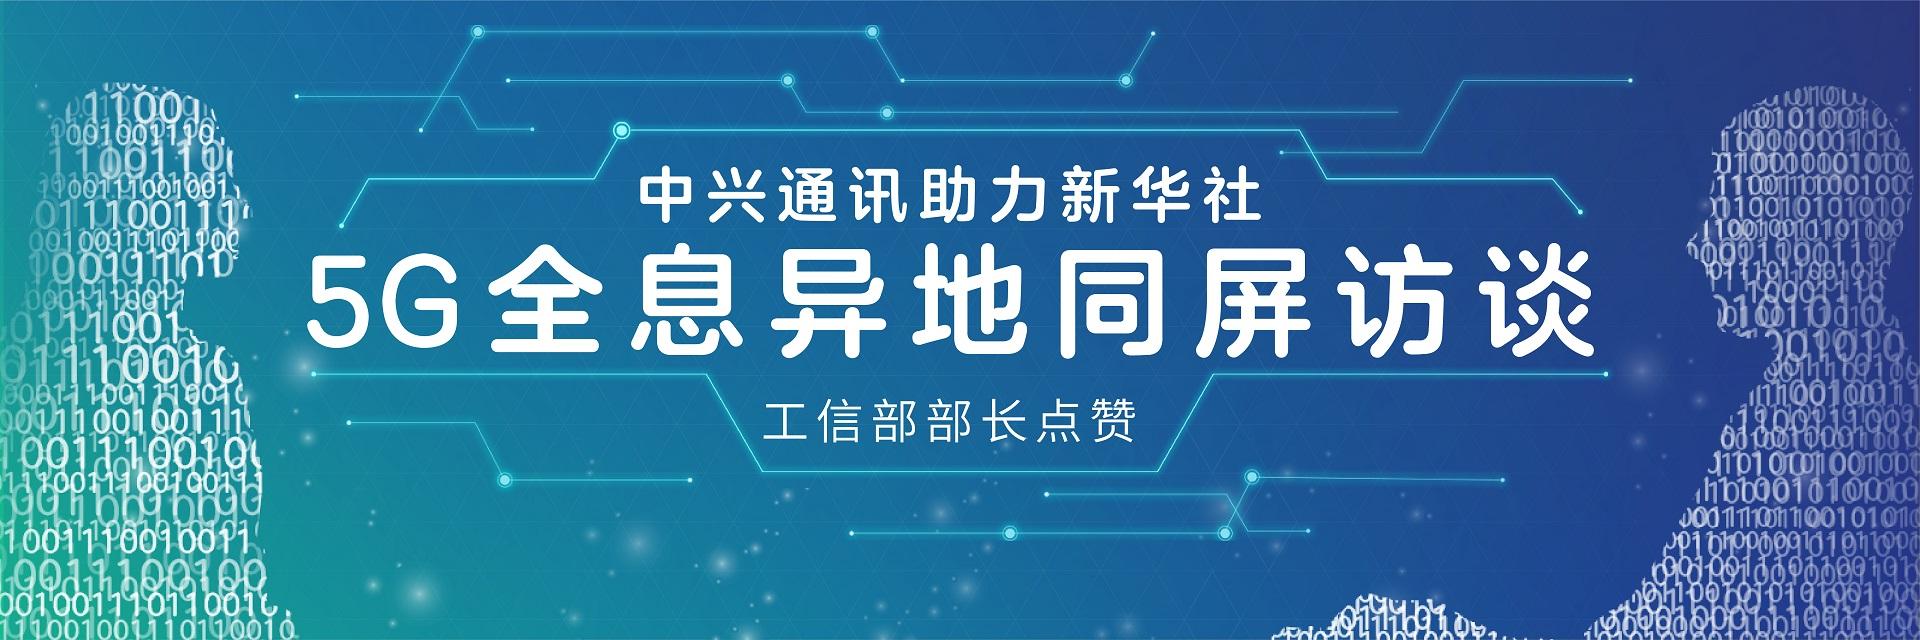 https://www.zte.com.cn/